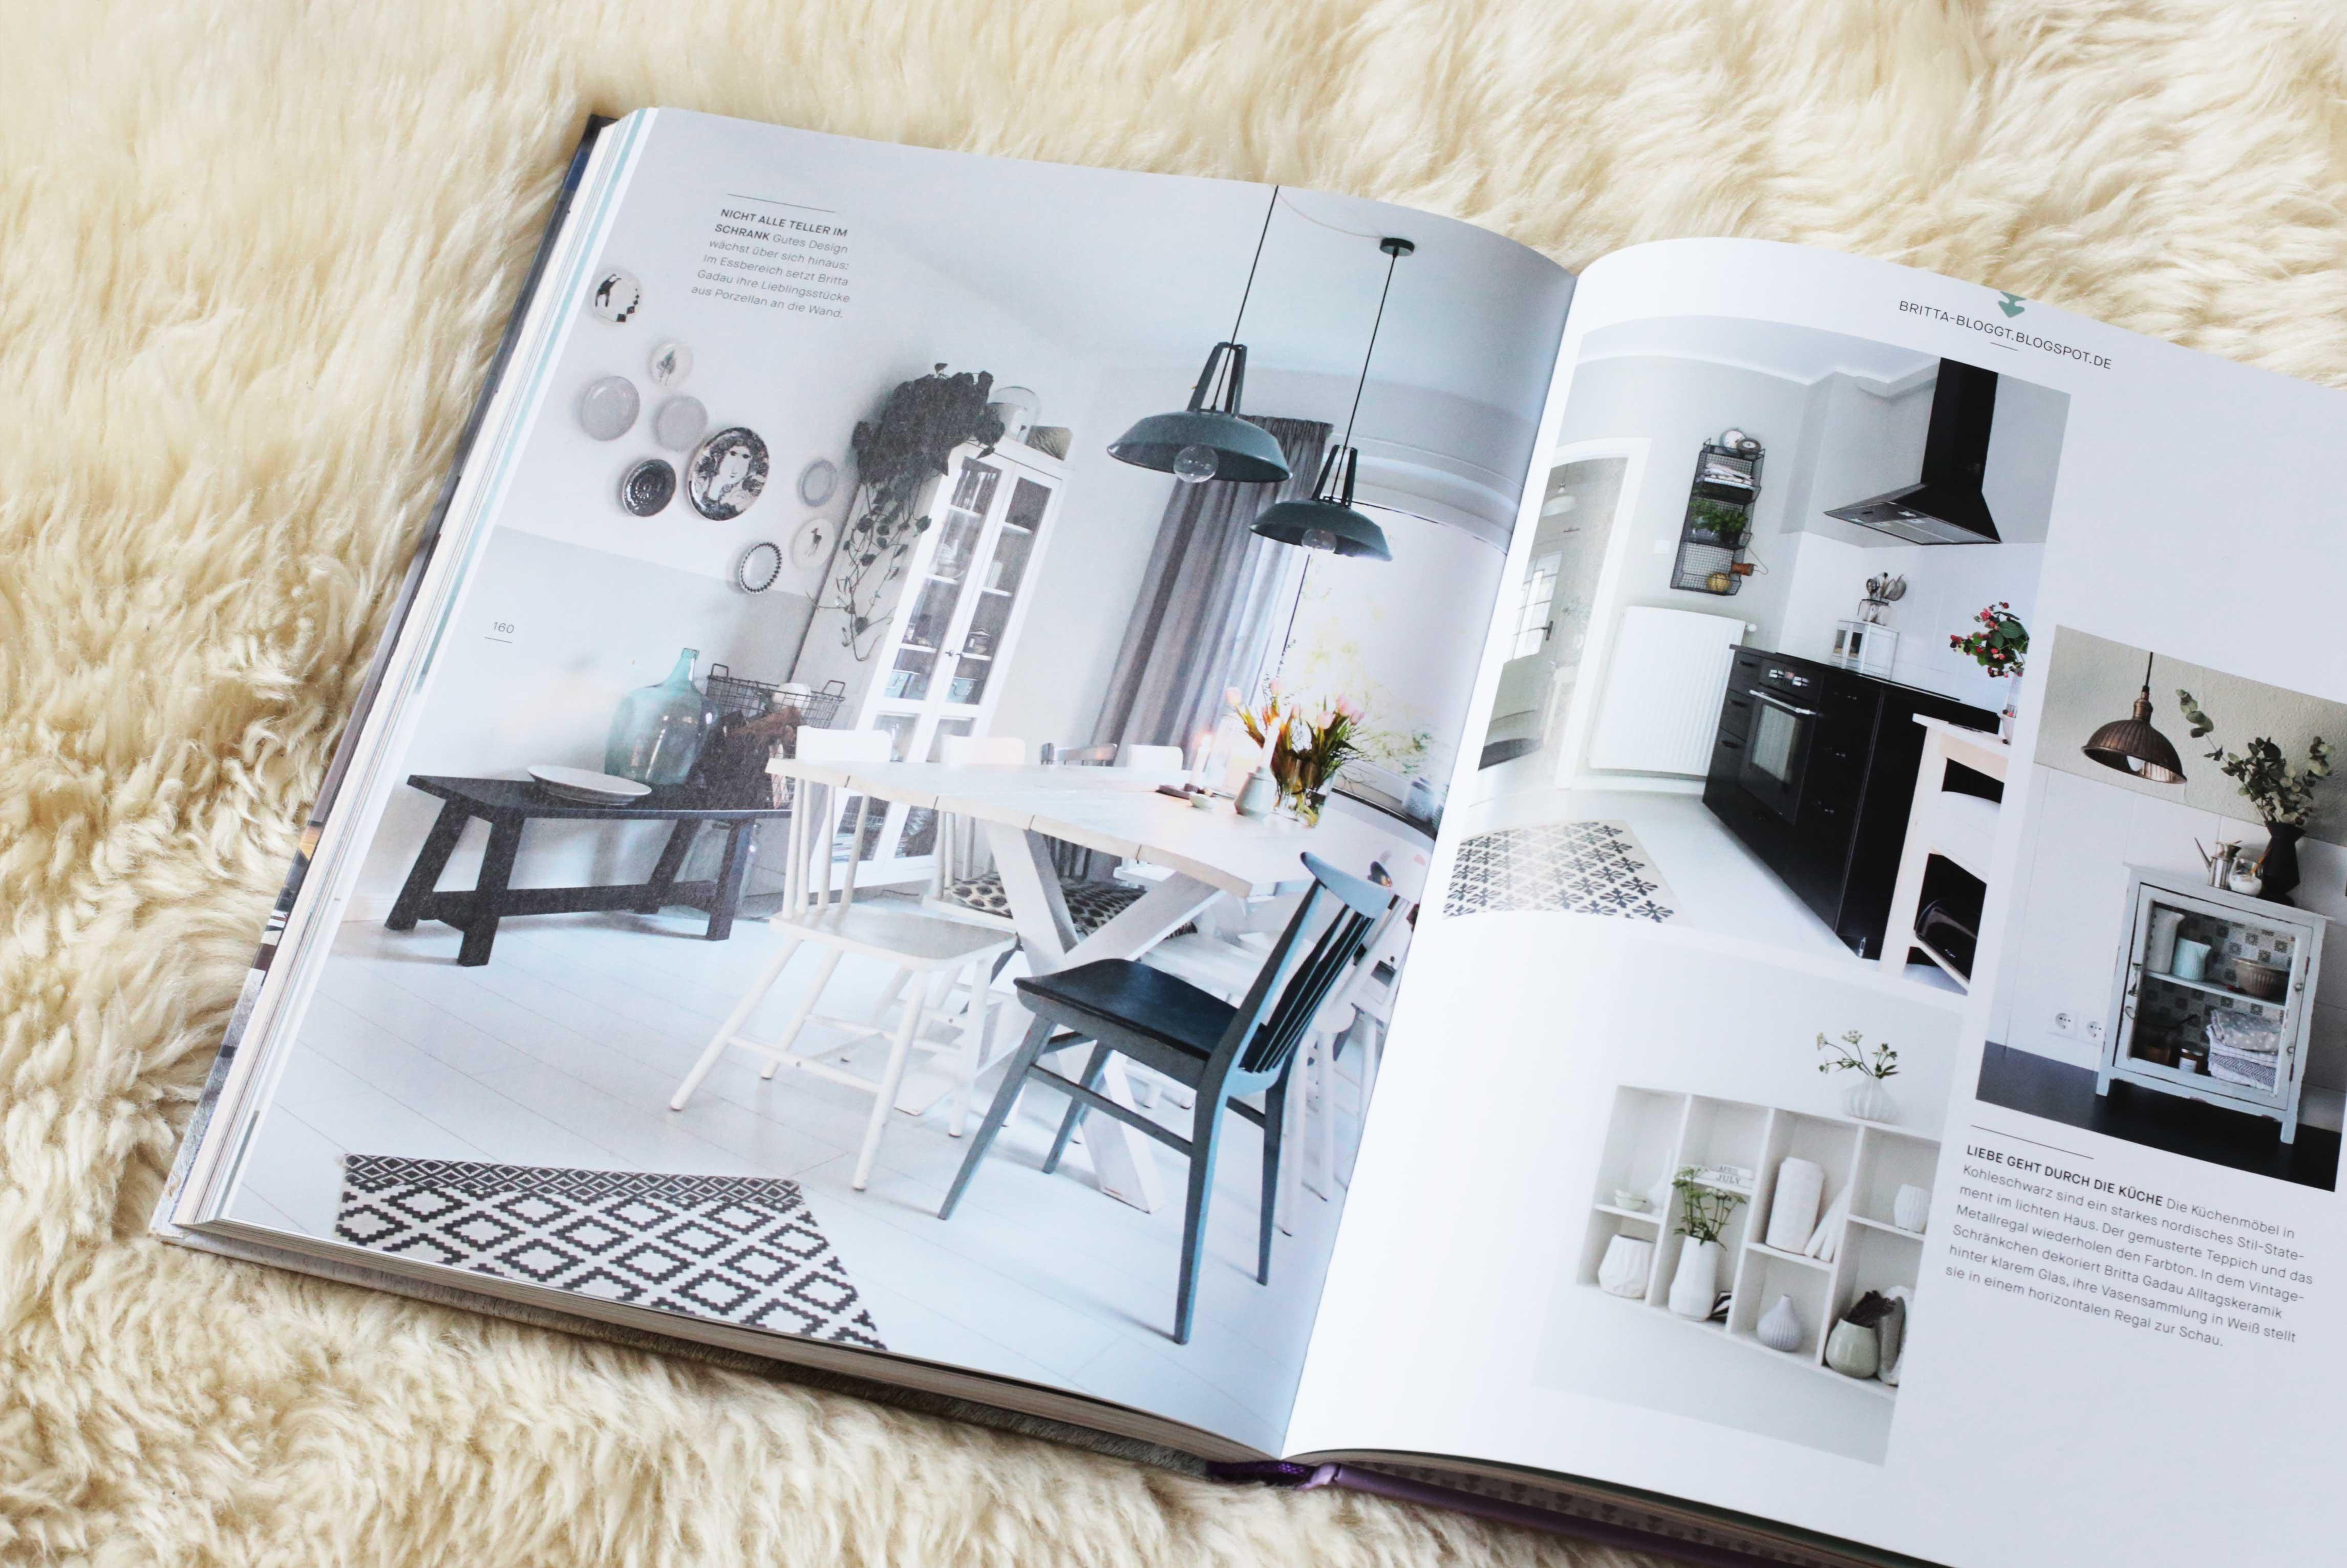 best-of-interior-die-wohntrends-2018-callwey-schonhalbelf-lifestyle-trend-tipp-empfelhung-home-design-neuerscheinung-coffee-tabel-book-buchblog